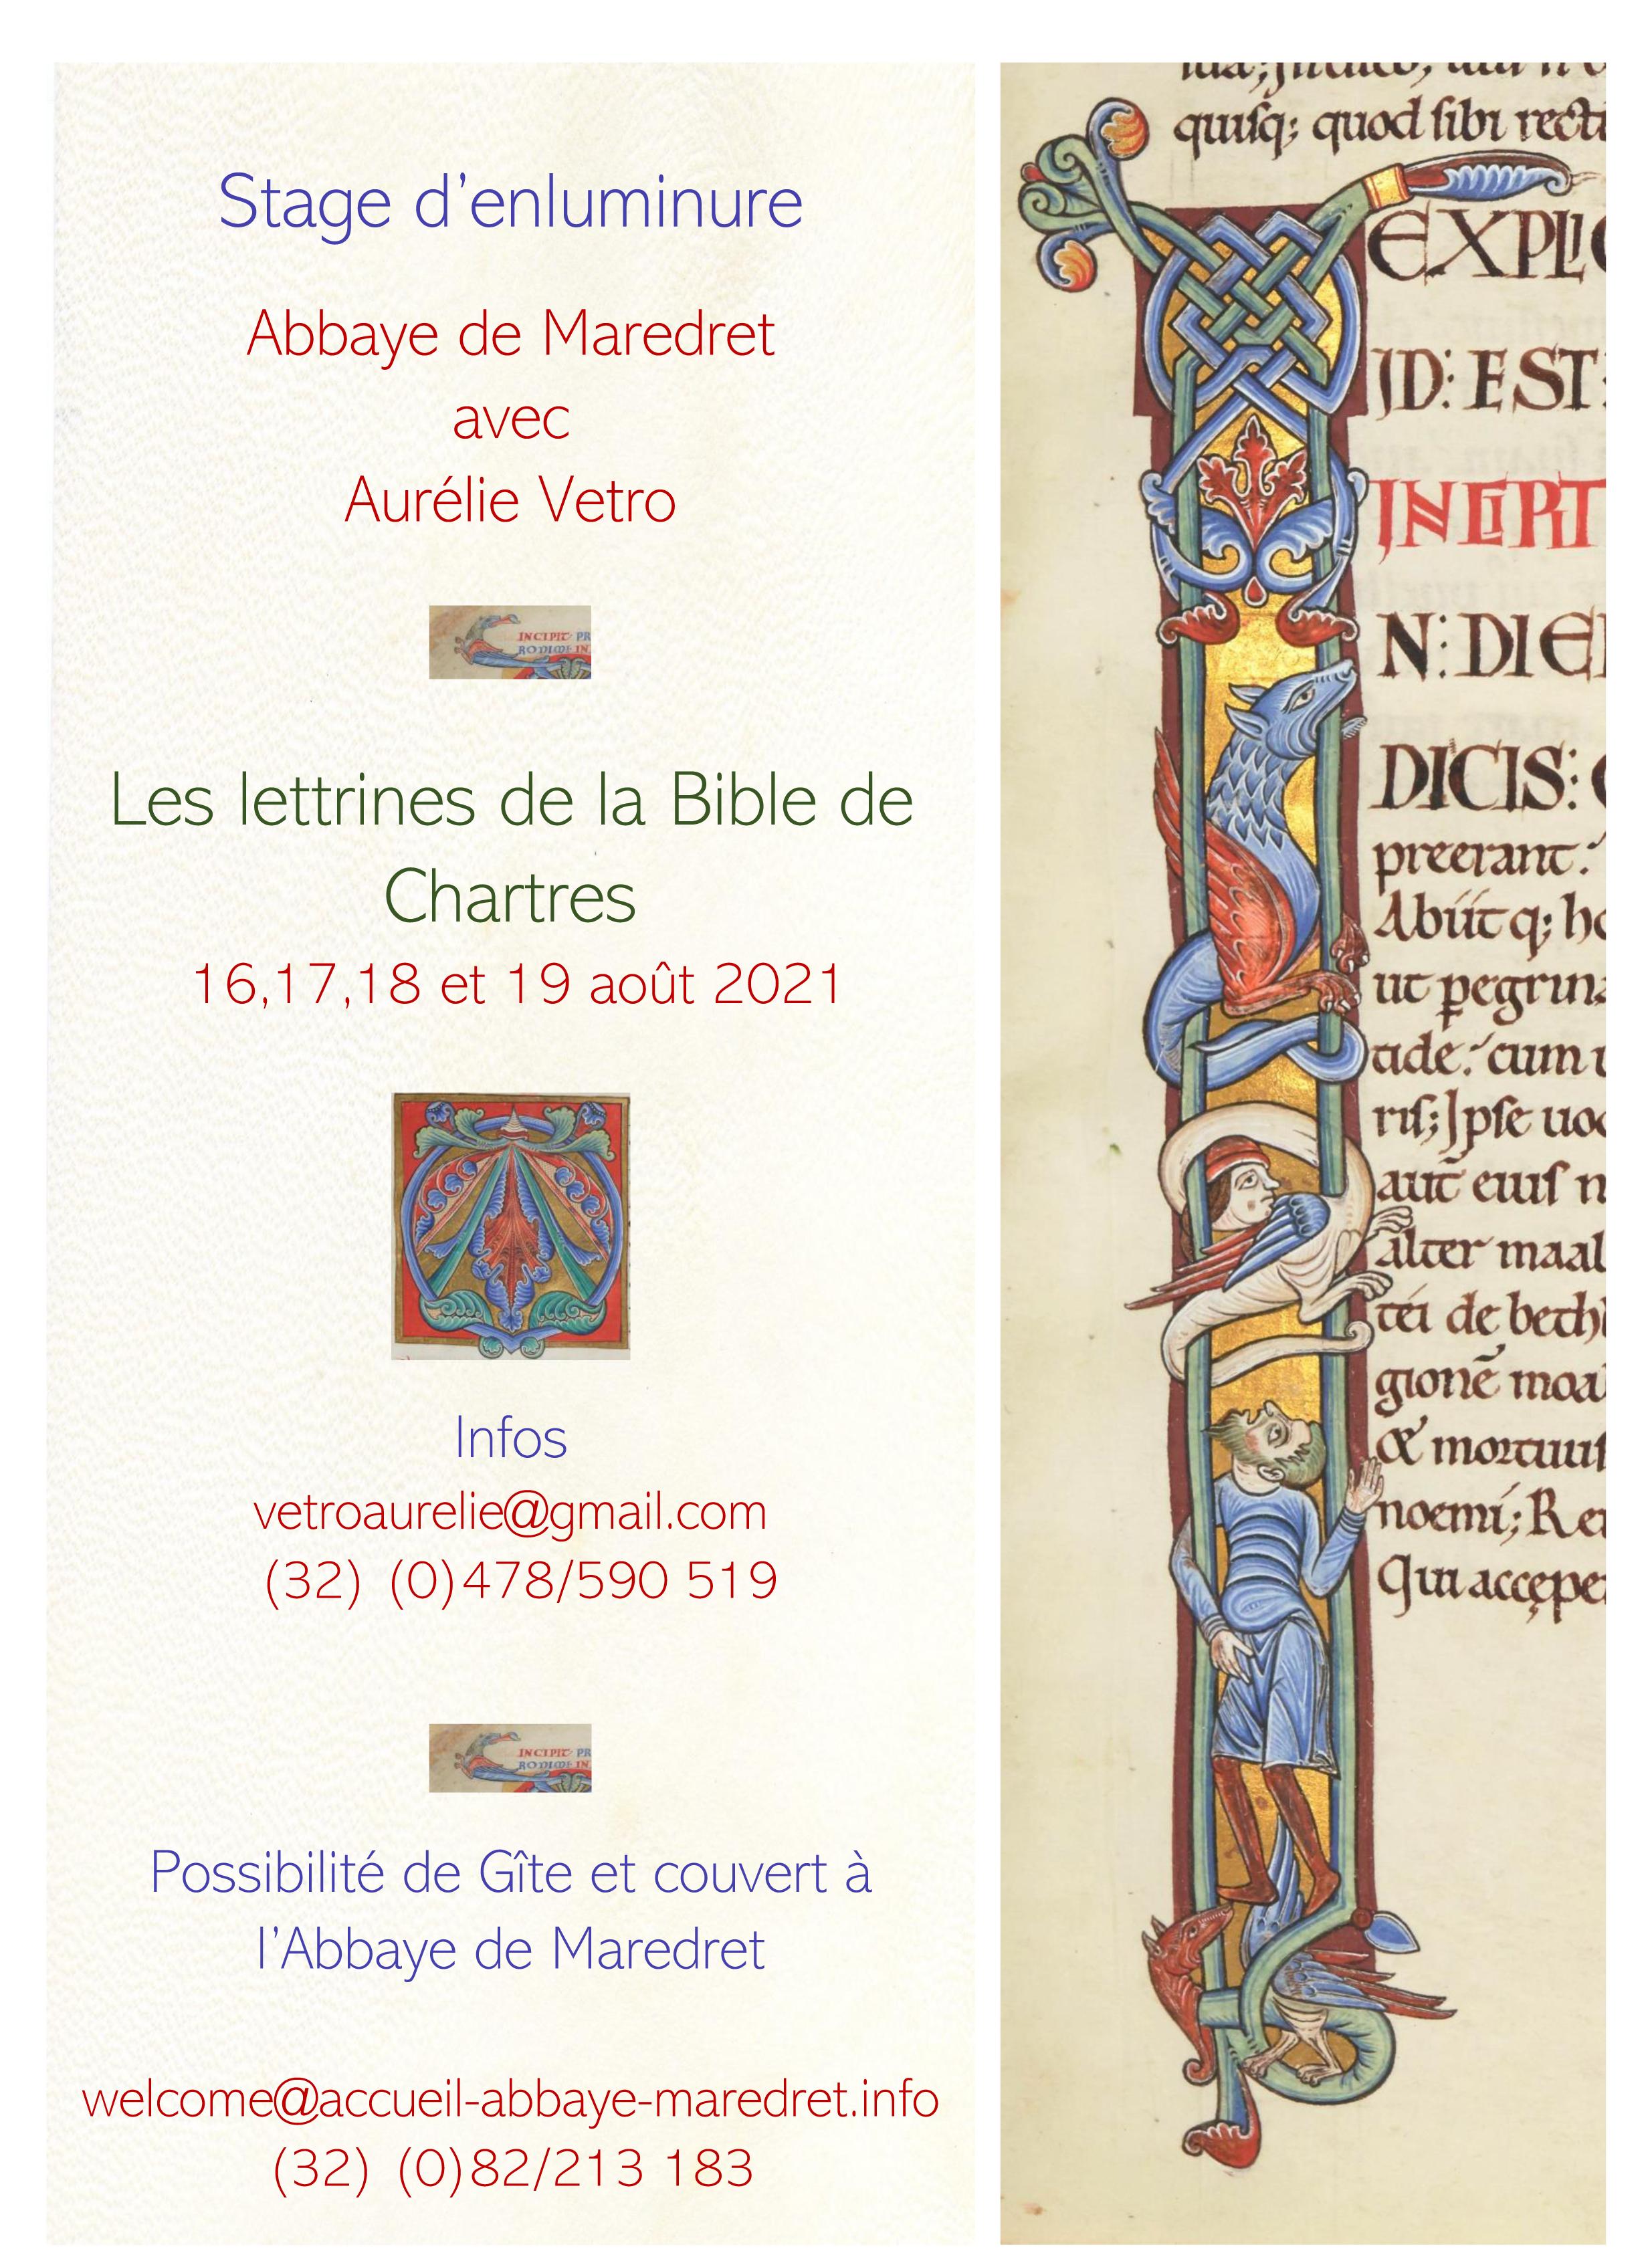 Les lettrines de la Bible de Chartres